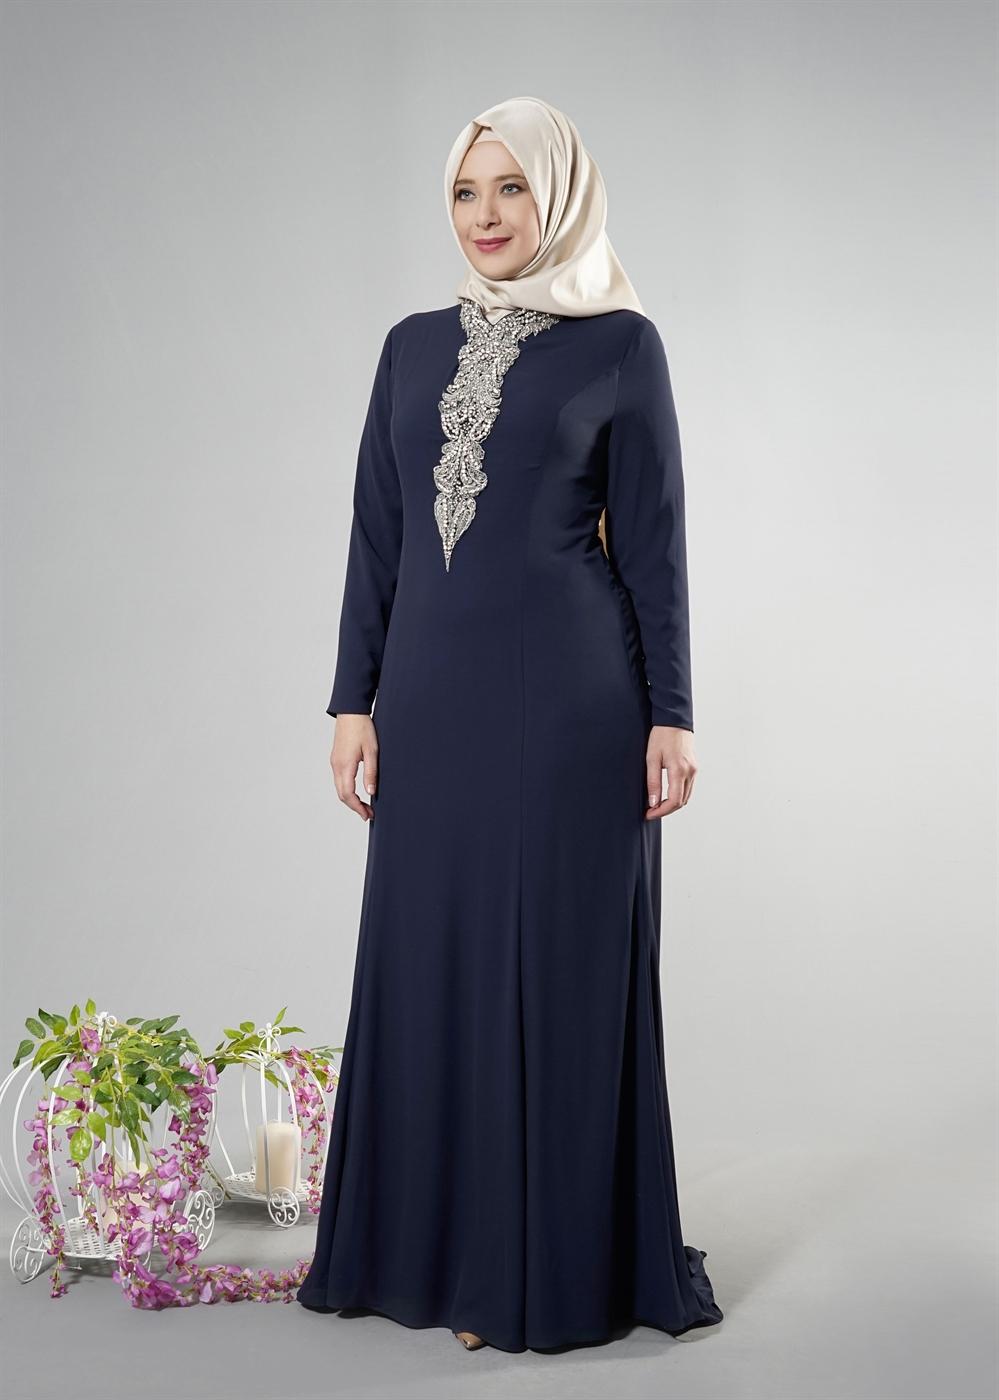 Büyük Beden Tesettür Nişan Elbise Modelleri